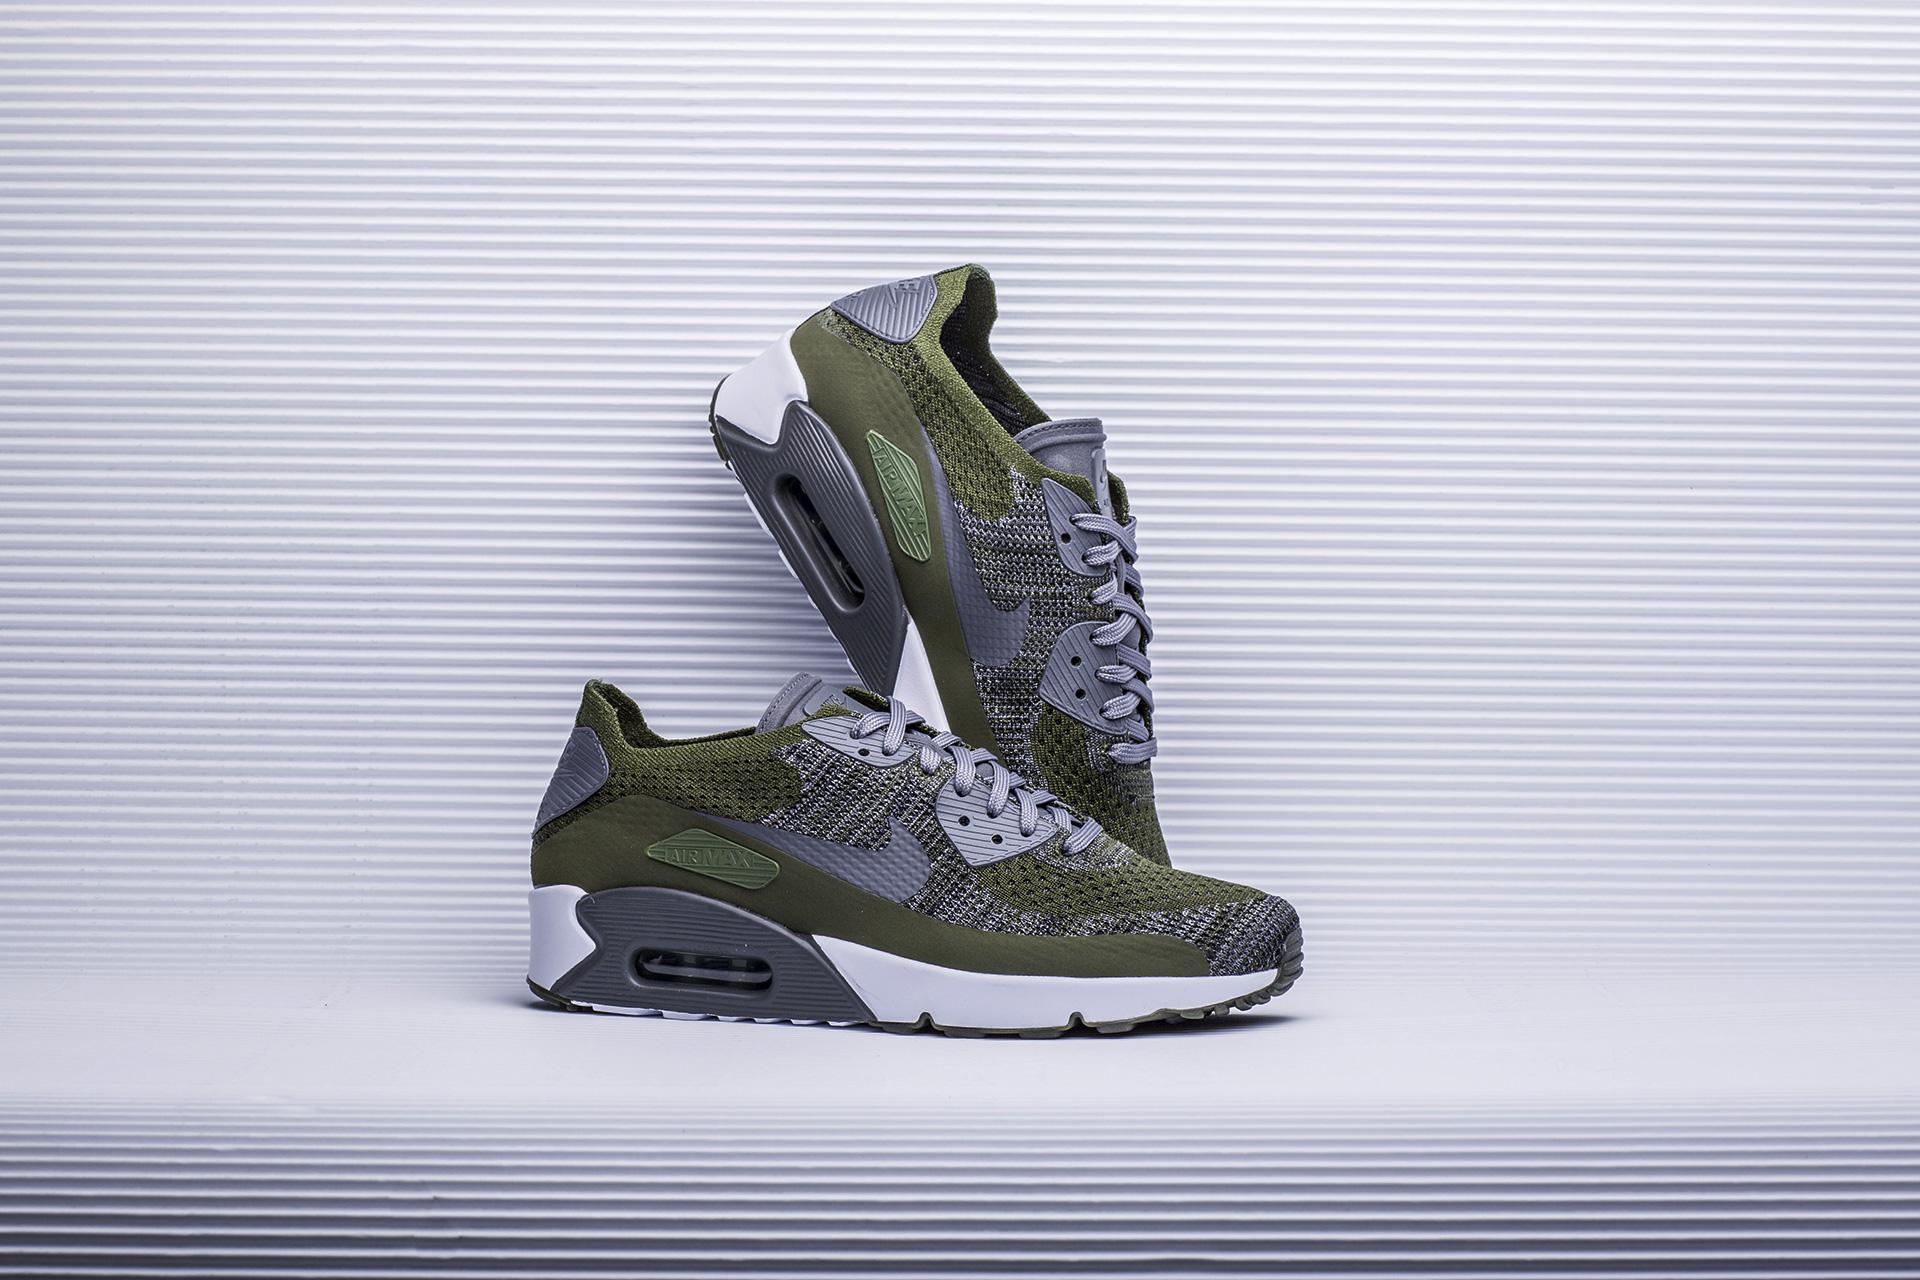 9754989d Купить зеленые мужские кроссовки Air Max 90 Ultra 2.0 Flyknit от ...